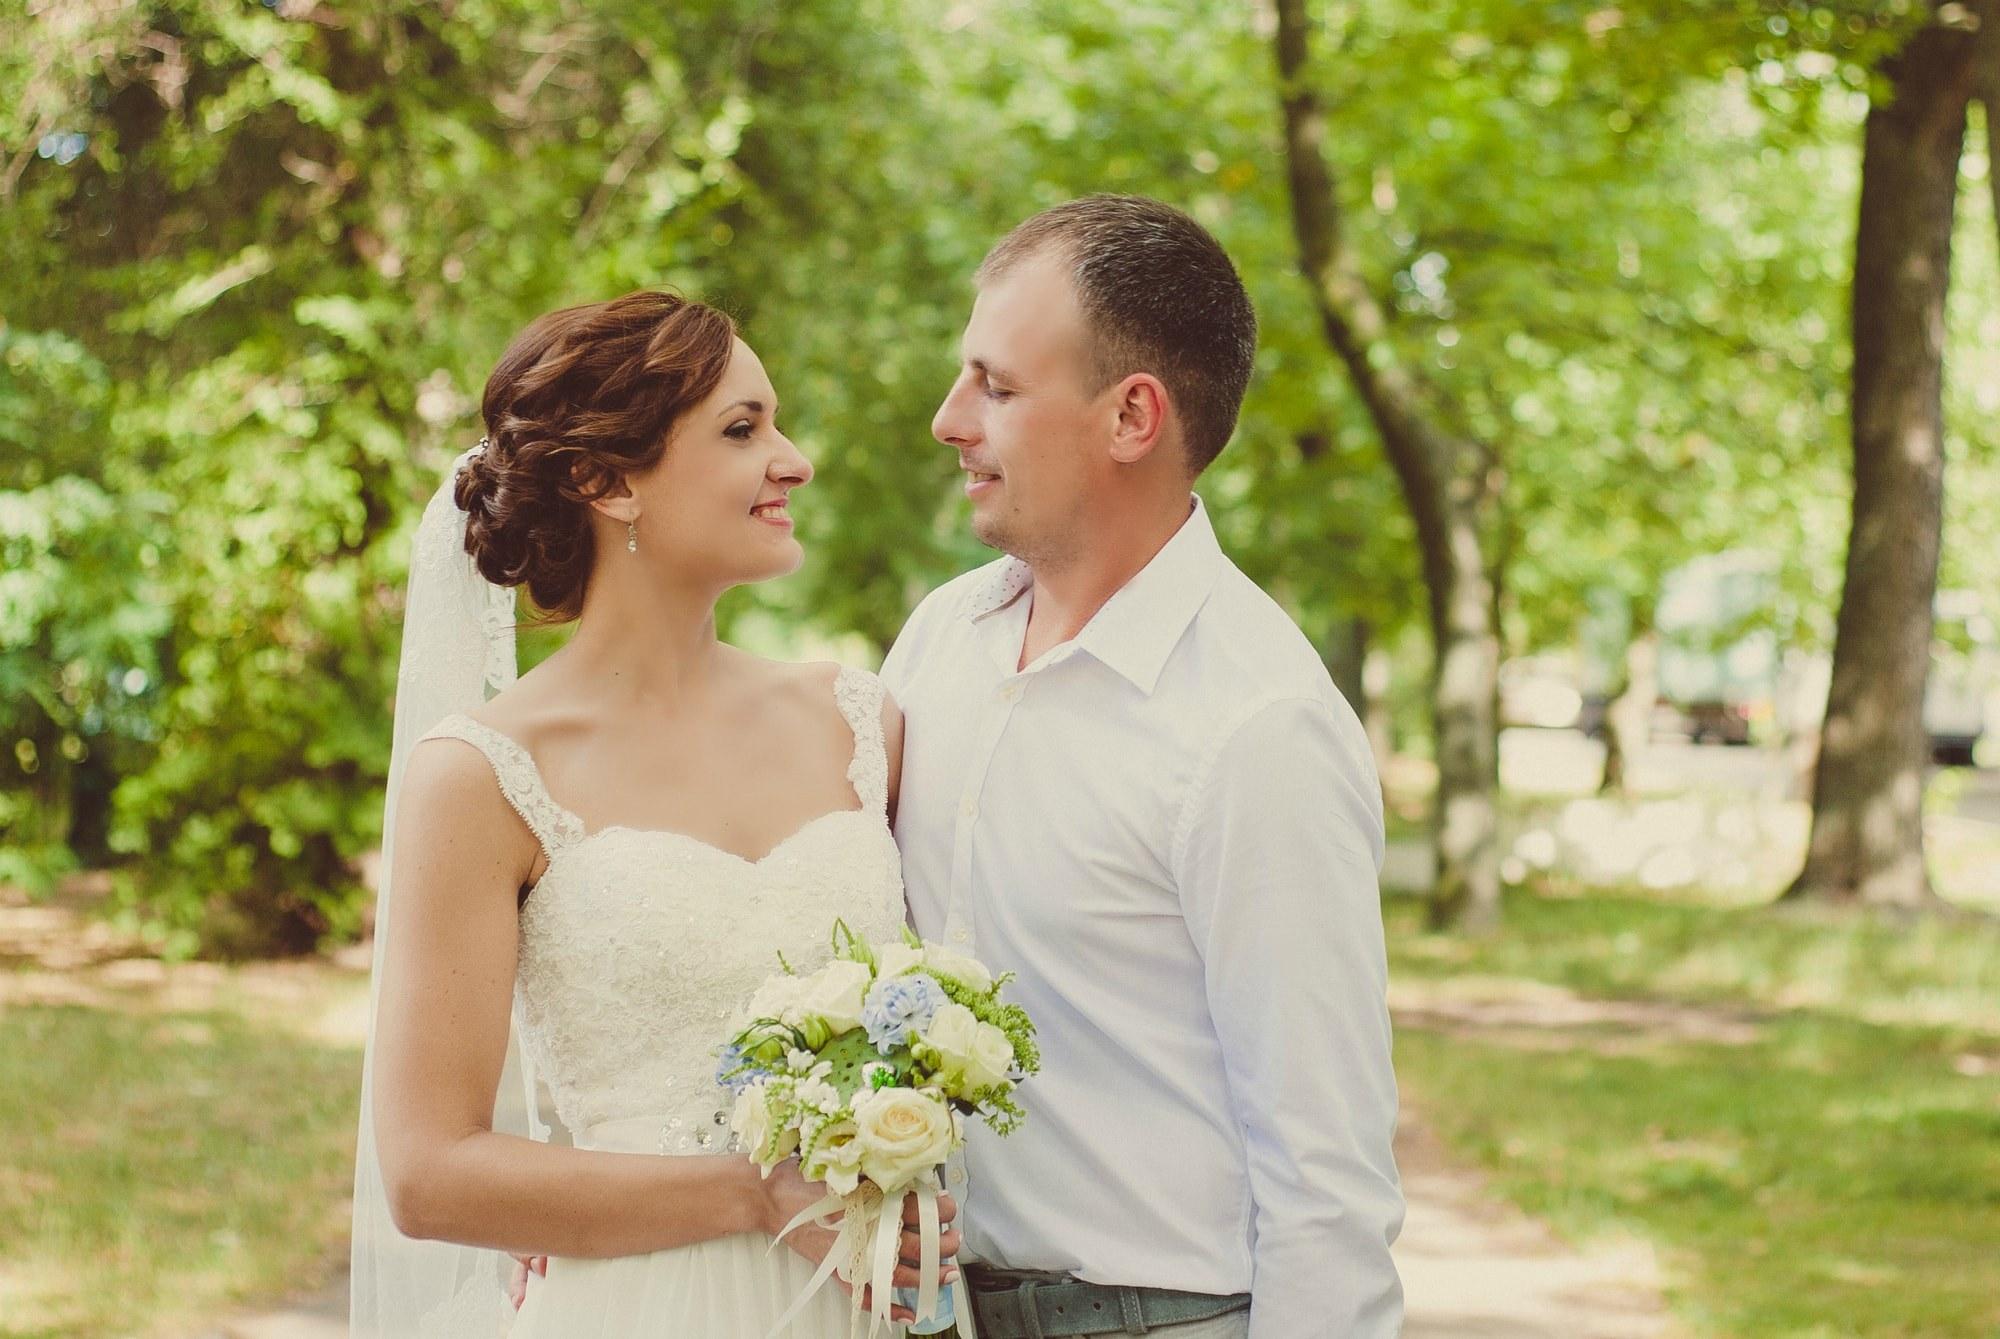 Свадебная фотосессия в Киеве - Фотограф Киев - Женя Лайт